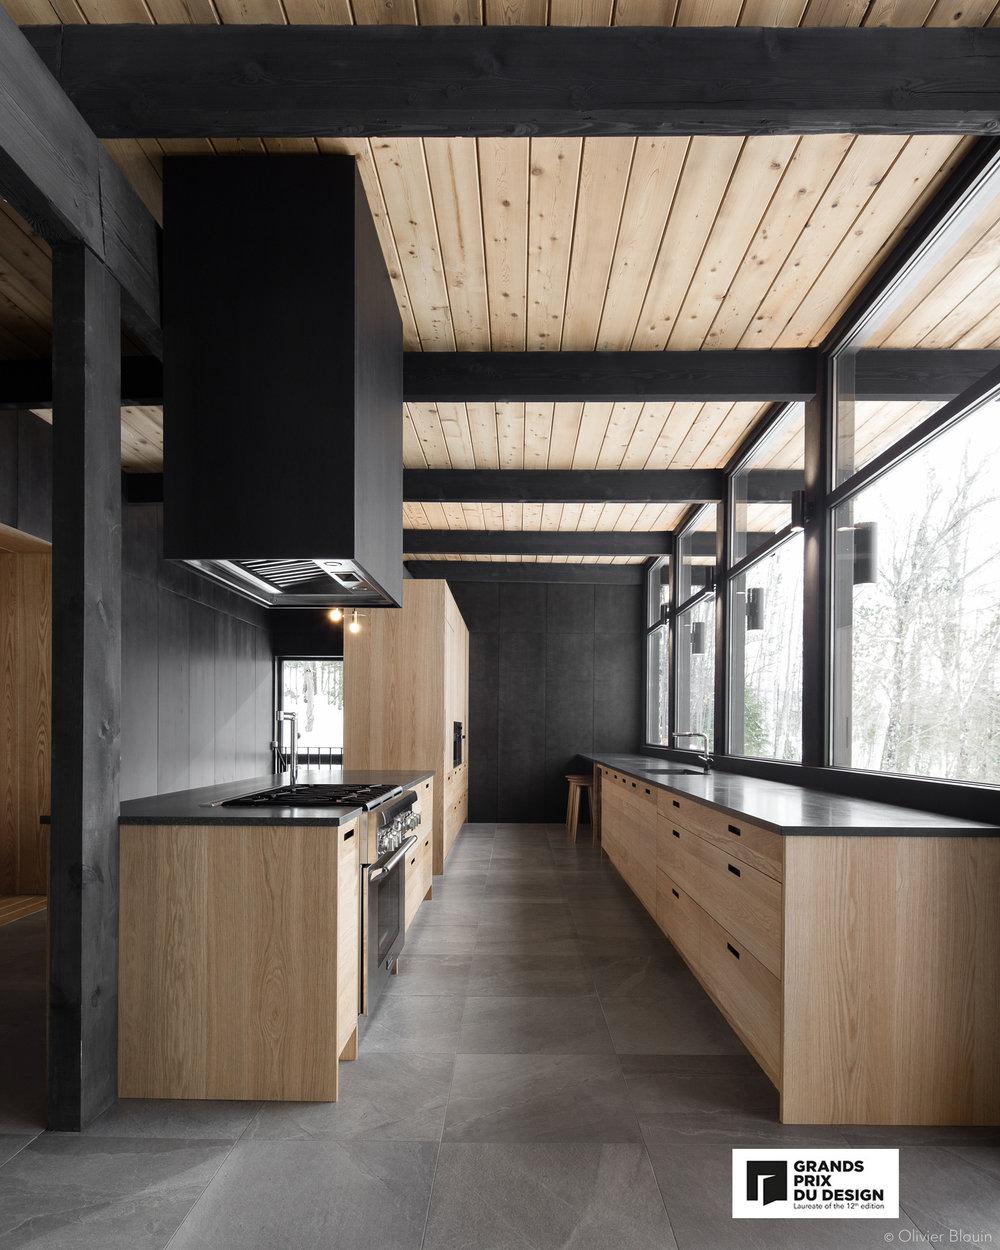 crédits photographiques:    Olivier Blouin    / collaboration:    Dupont Blouin architectes     Grands Prix du Design, Prix cuisine, Dupont Blouin Architectes.